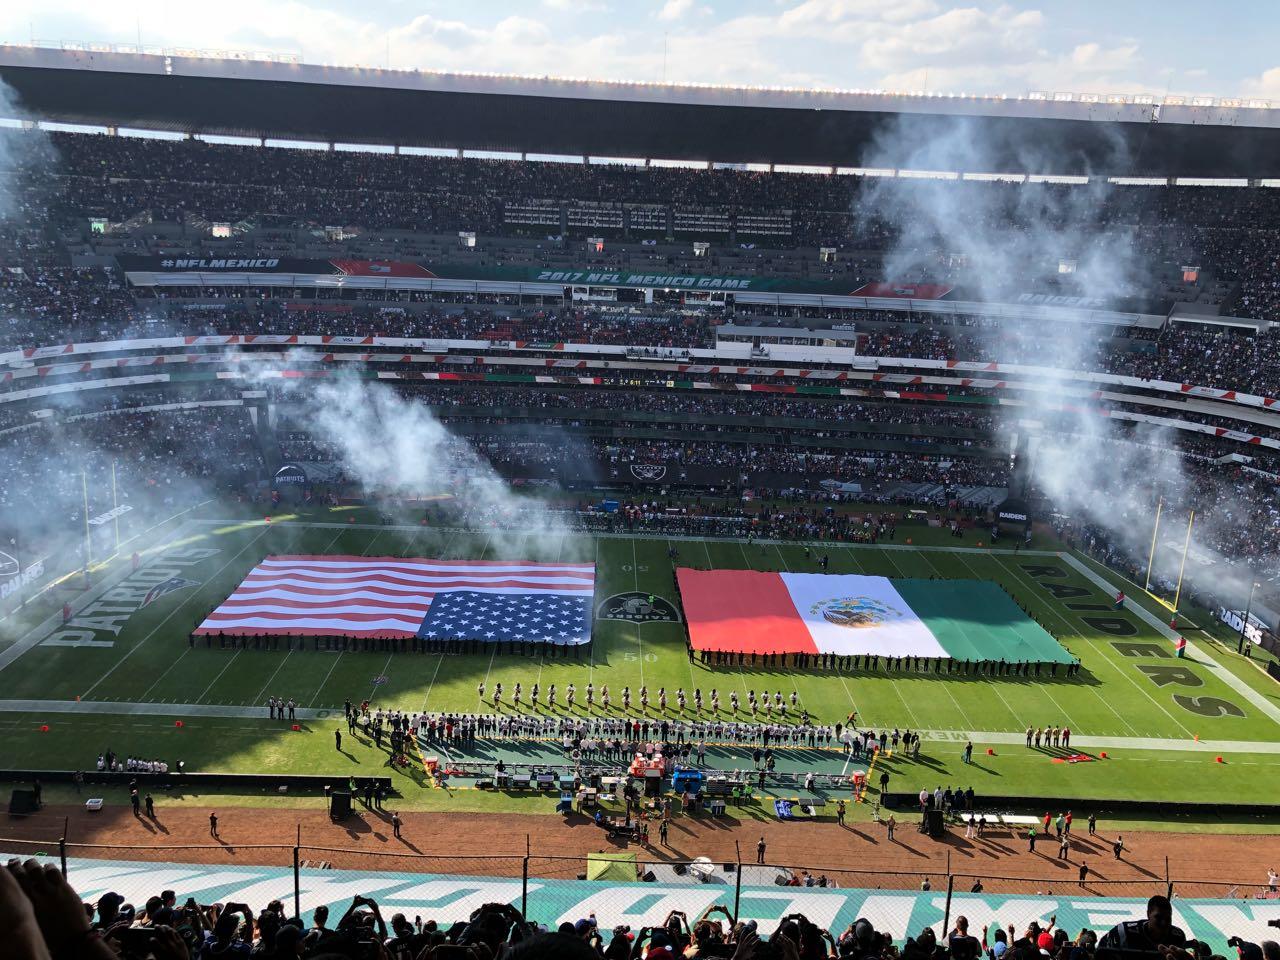 Así se puso el partido de la NFL México 2017 en el Estadio Azteca 6a43dc5cb51